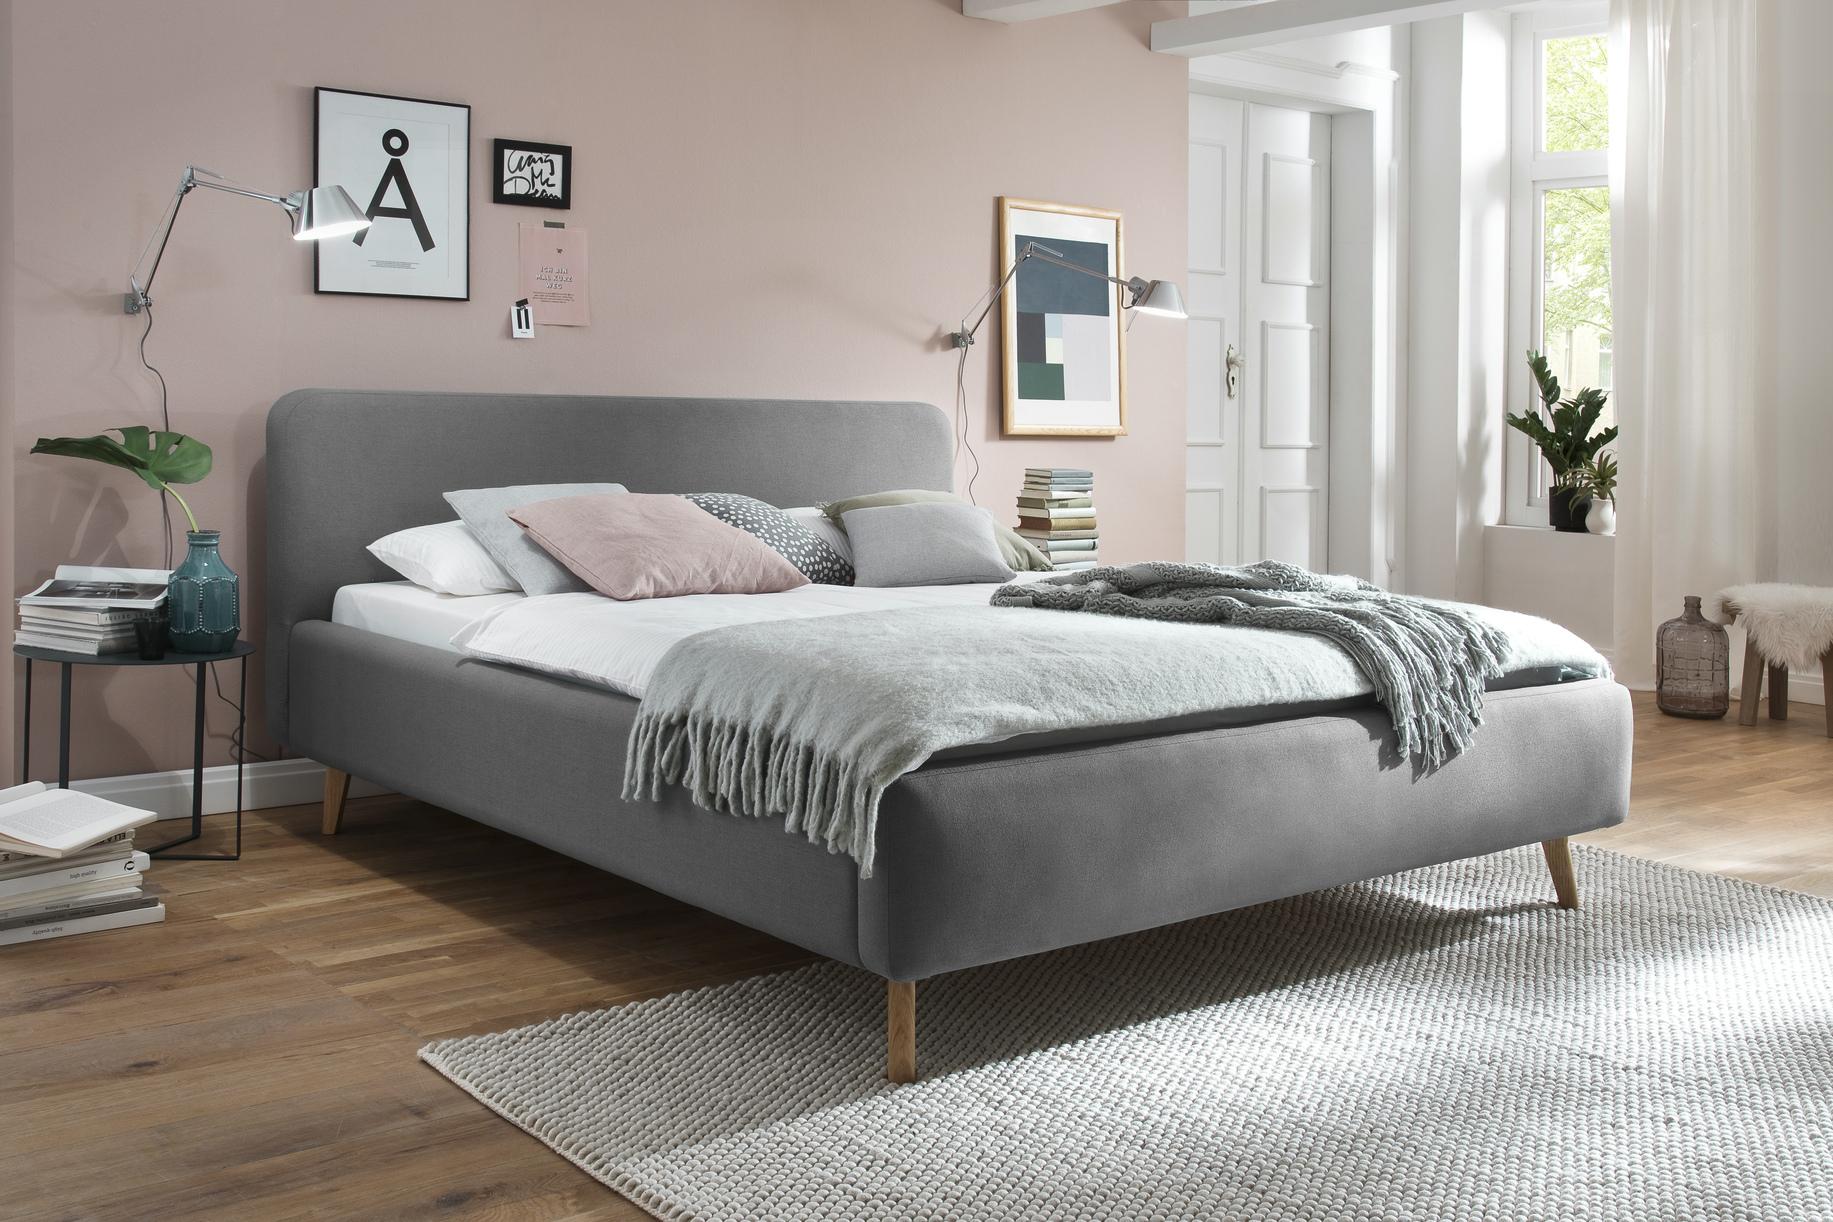 Full Size of Ikea Hemnes Bett 160x200 Grau Bettgestell 140 Mit Lattenrost 220 X 200 Günstige Betten 180x200 Luxus 2x2m Barock Hülsta 140x200 Ohne Kopfteil Minion Wohnzimmer Ikea Hemnes Bett 160x200 Grau